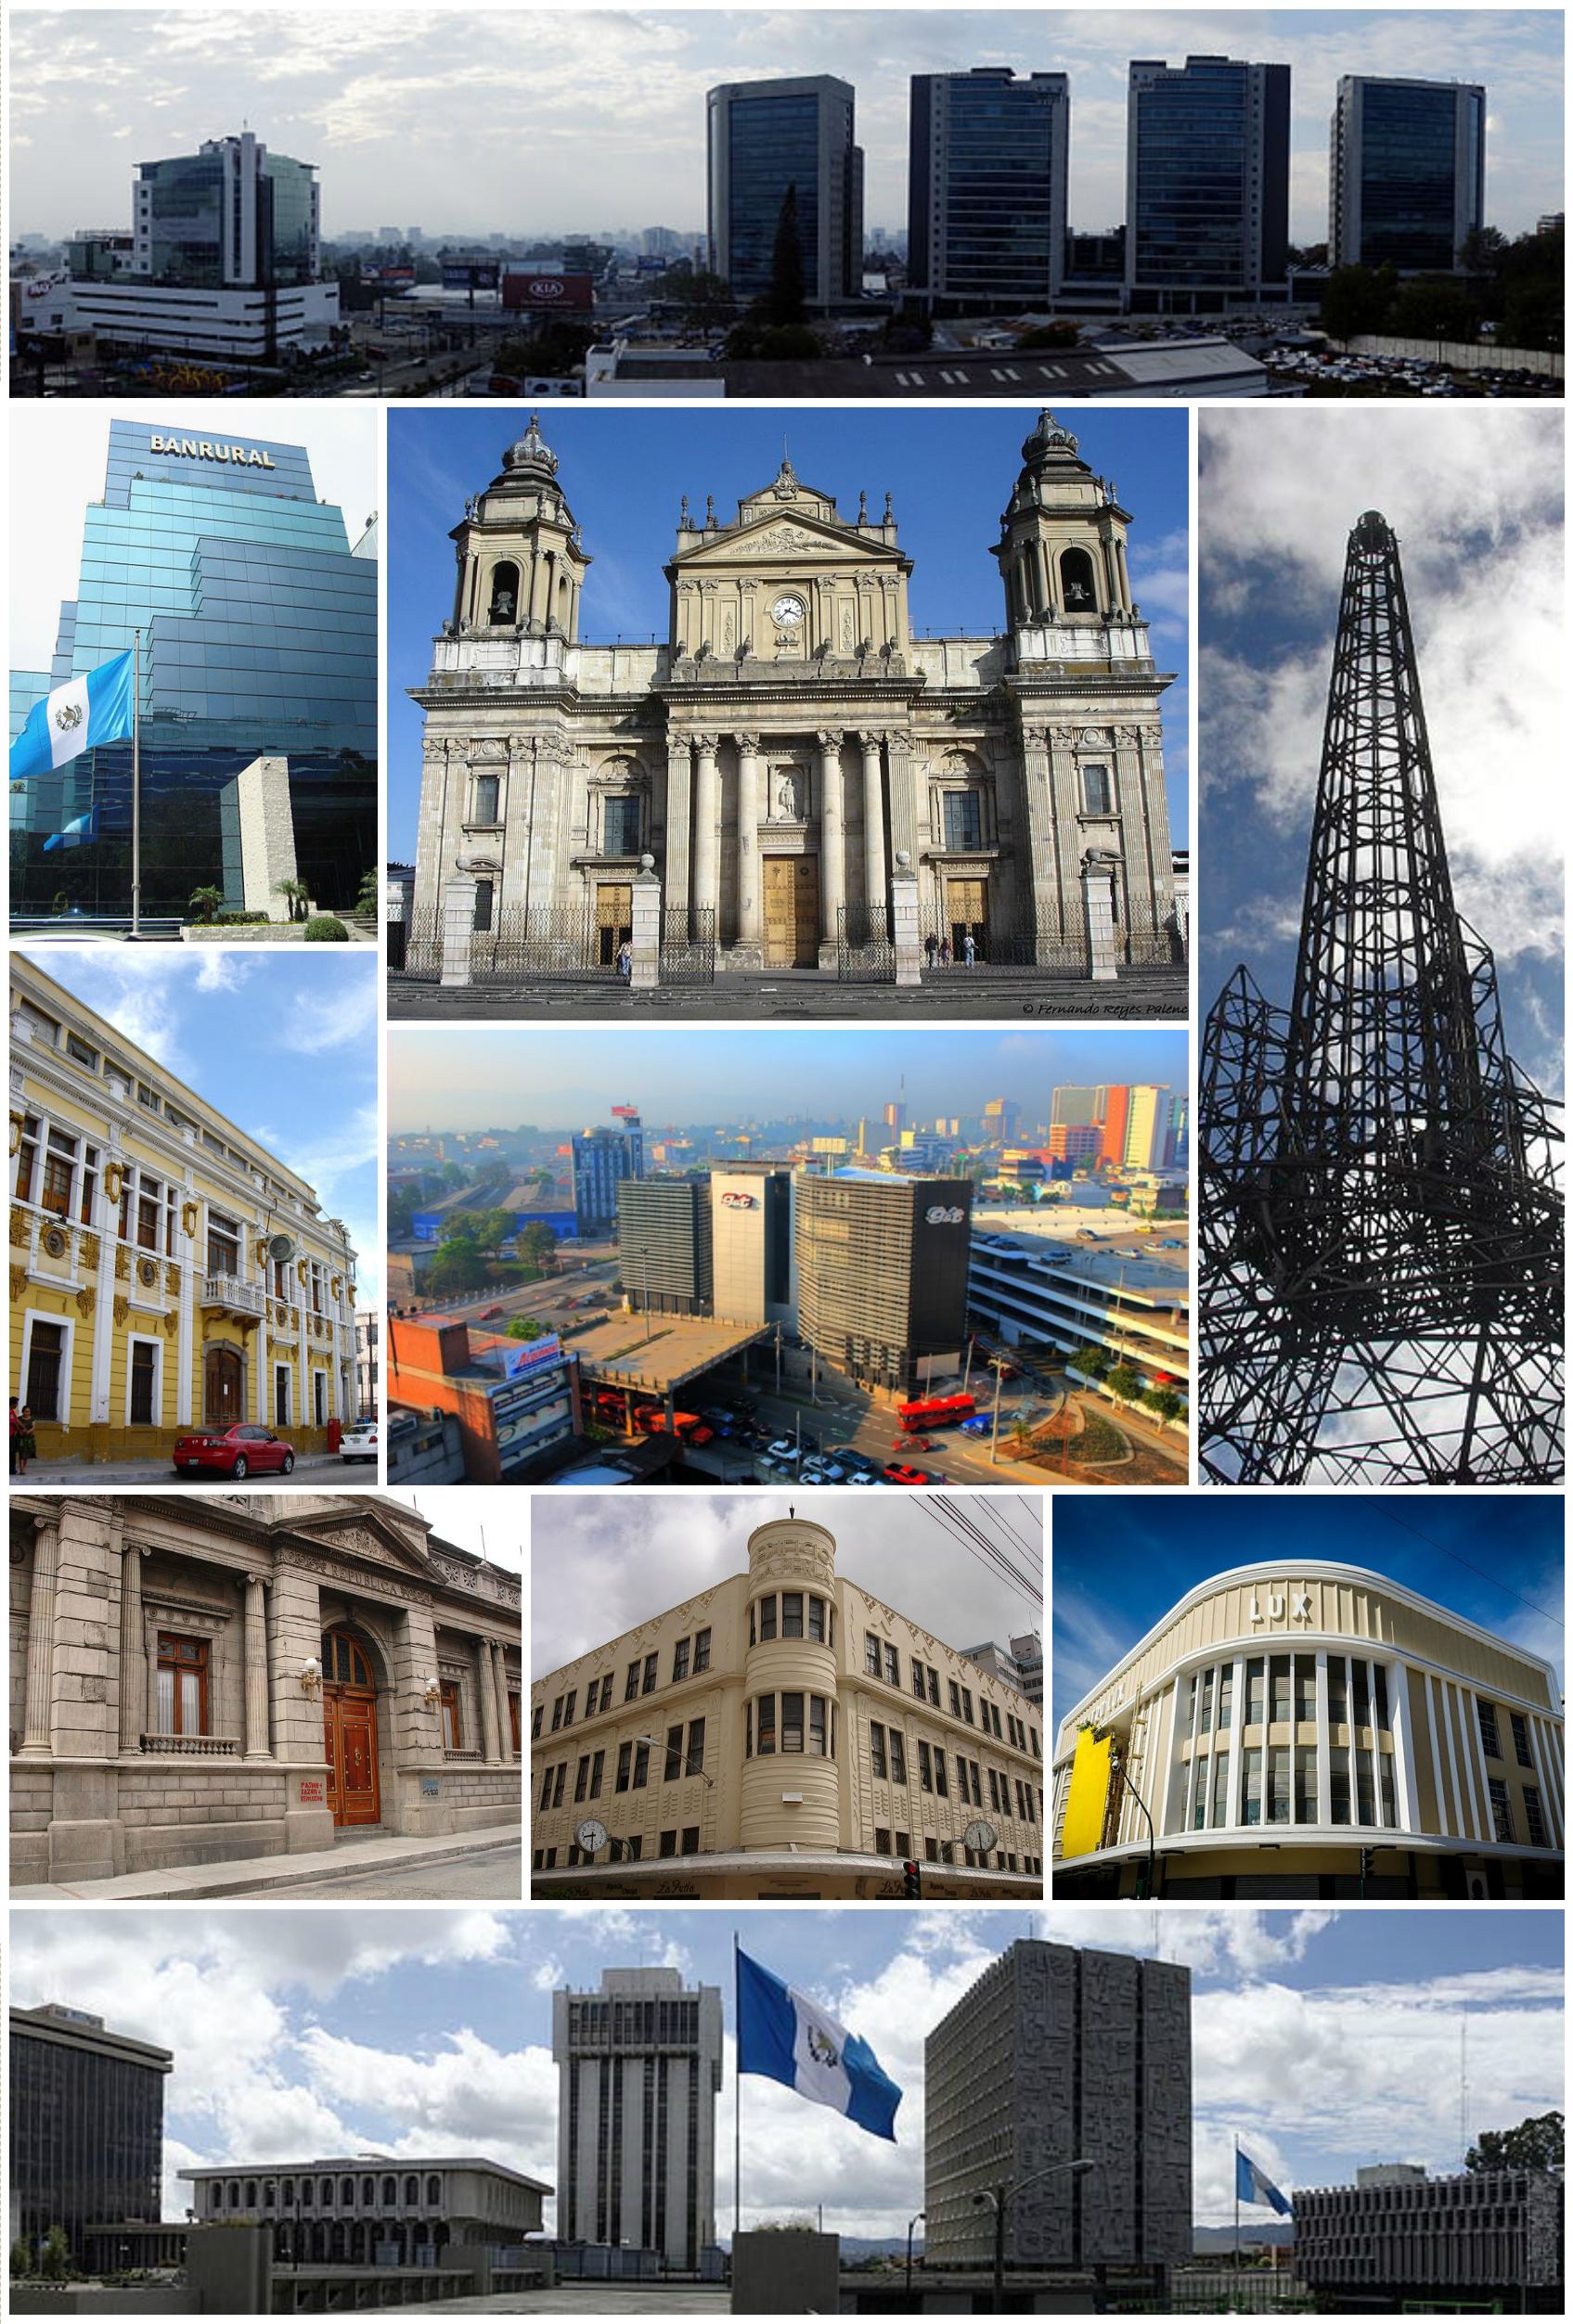 Ciudad de Guatemala - Wikipedia, la enciclopedia libre